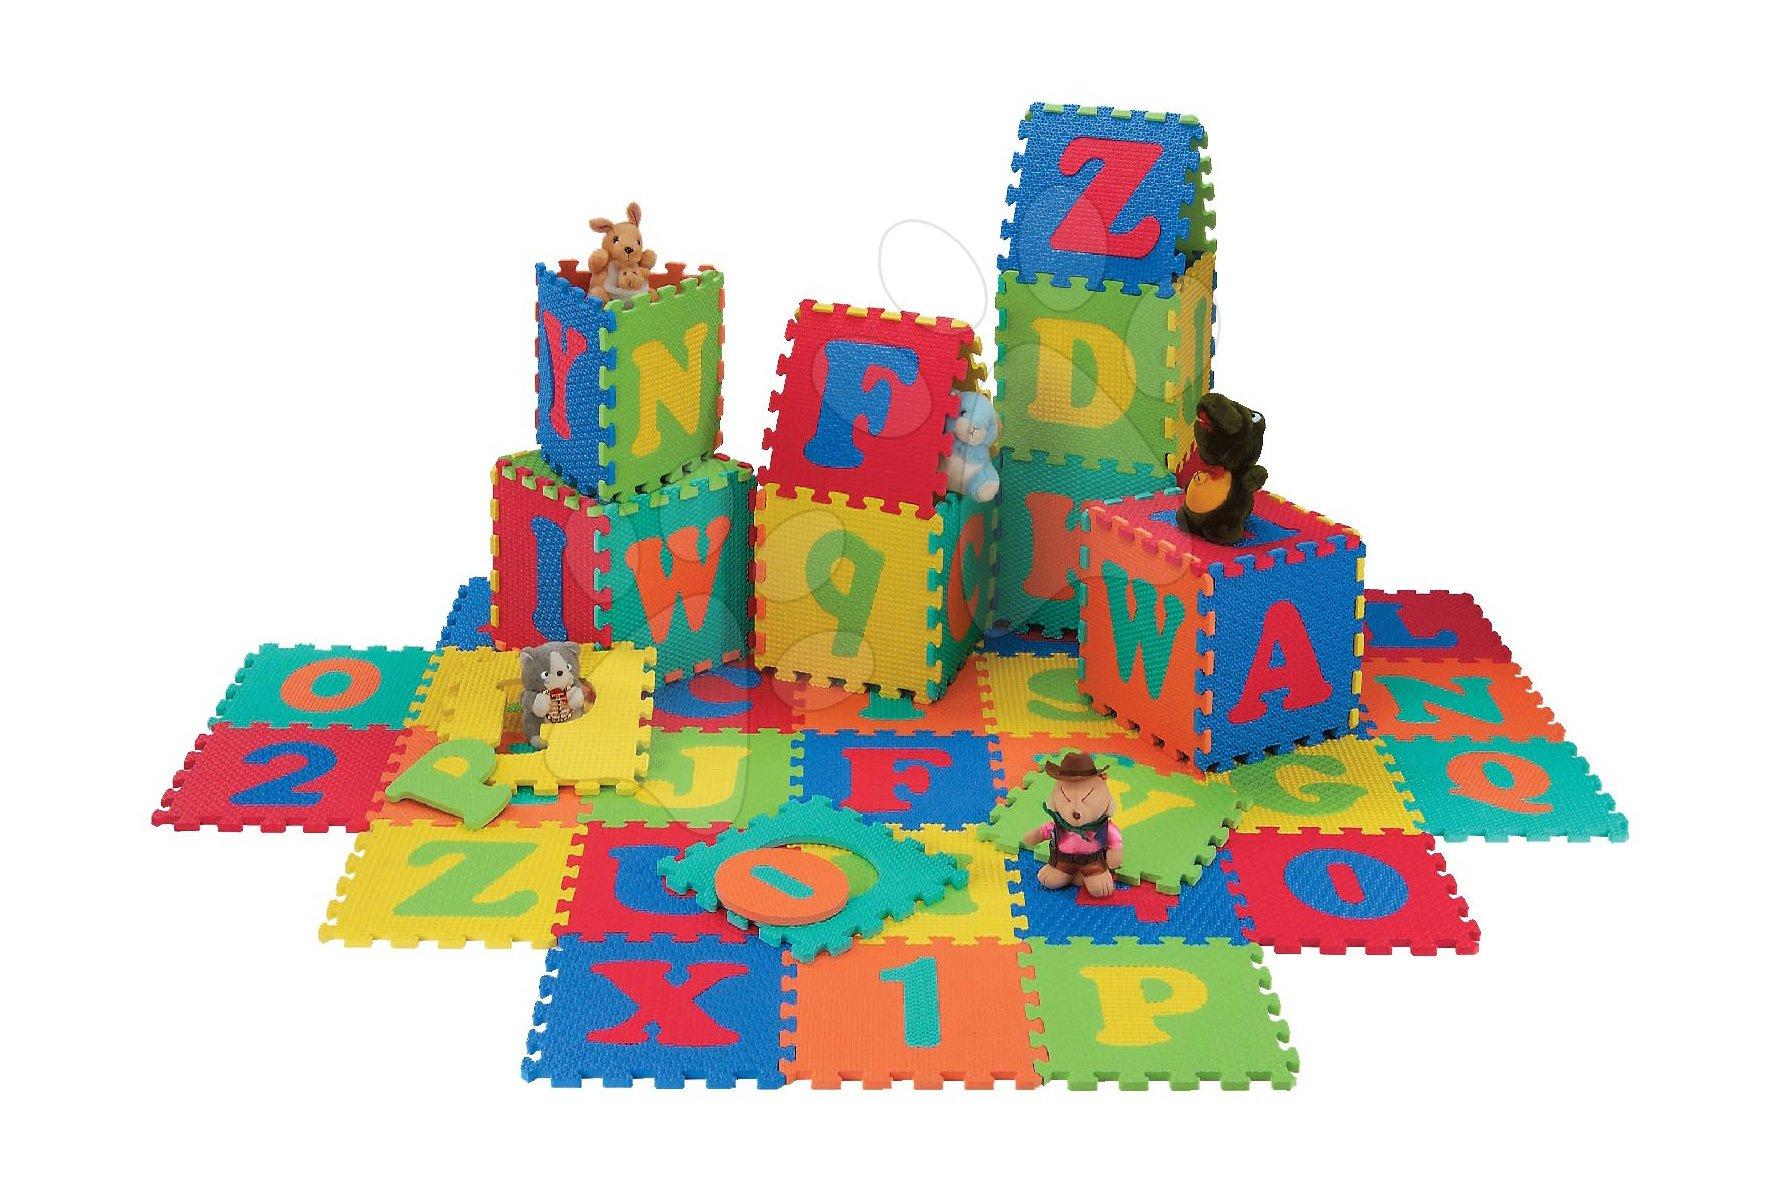 Pěnové podlahové puzzle Lee Chyun Abeceda, 26 dílů 32*32*1,3 cm